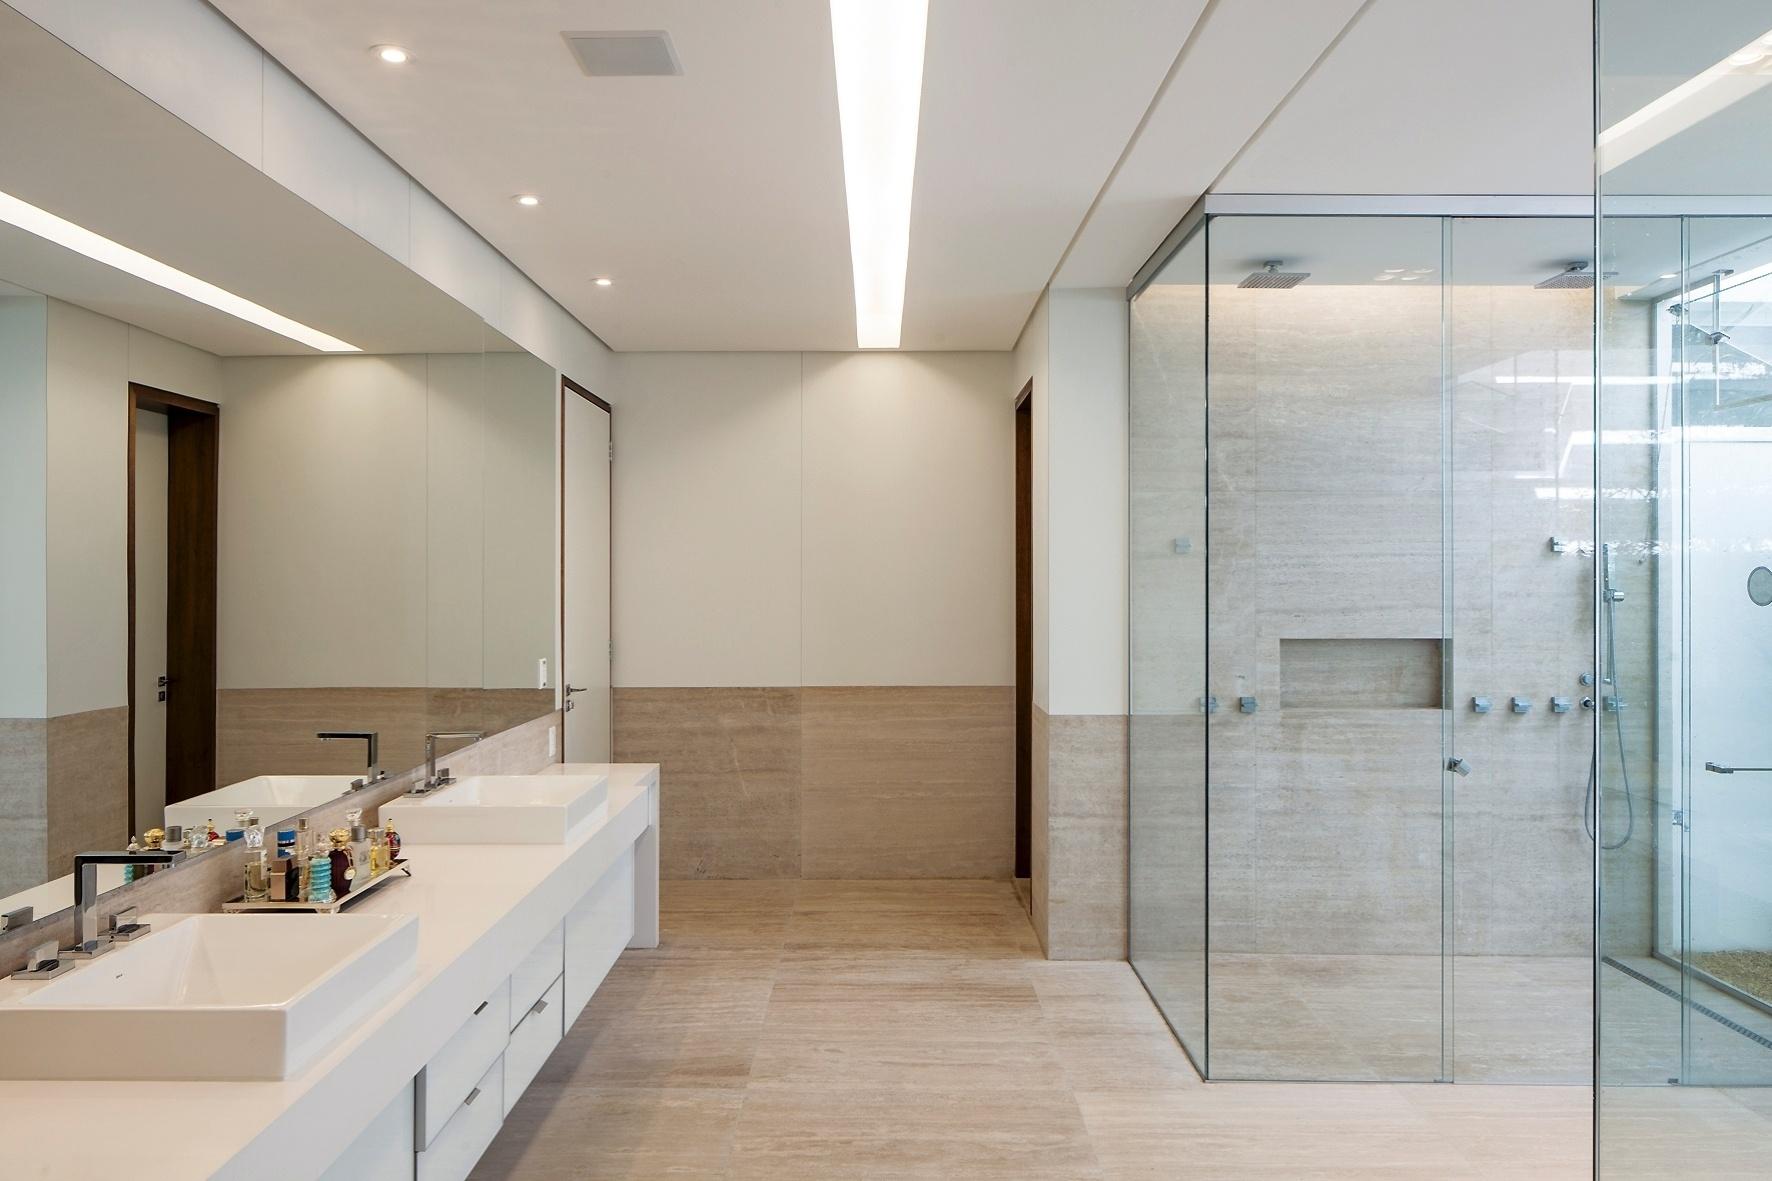 banheiro da suíte do casal tem amplo espaço e conforto absoluto  #2C1D0F 1772x1181 Banheiro Com Banheira Casal